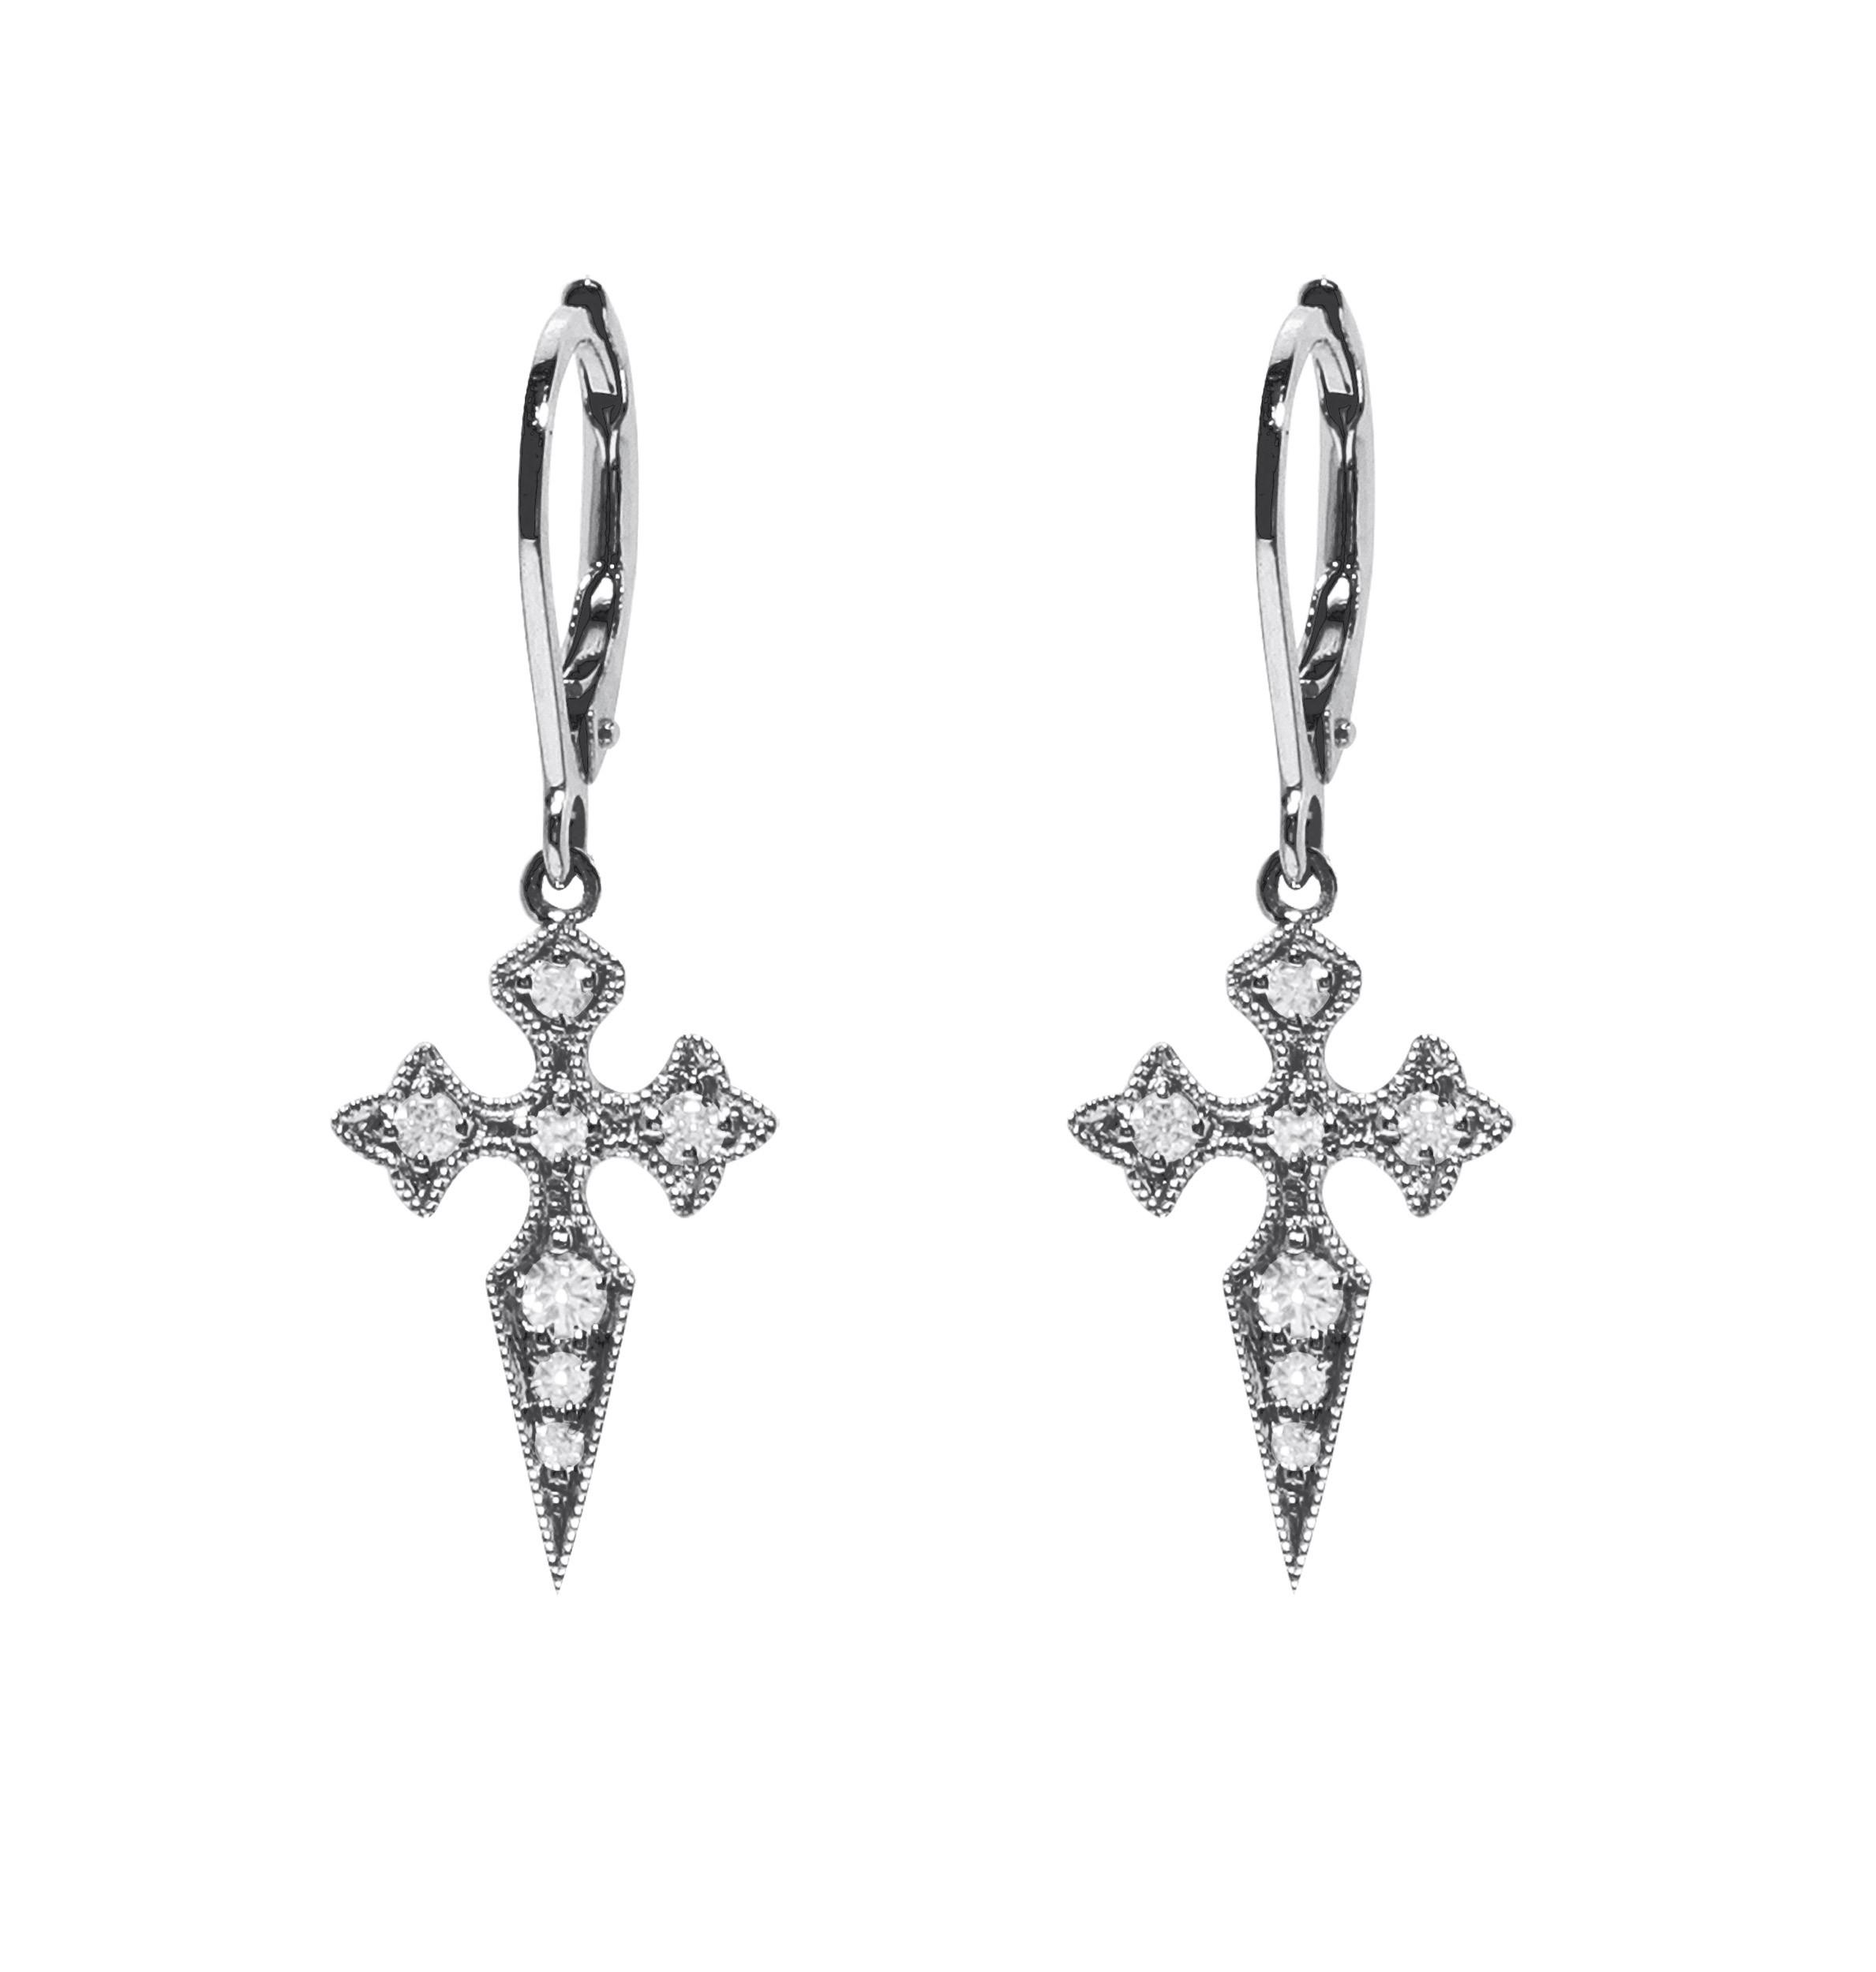 Boucles d'oreilles Dormeuses Blood Or Diamonds - Stone